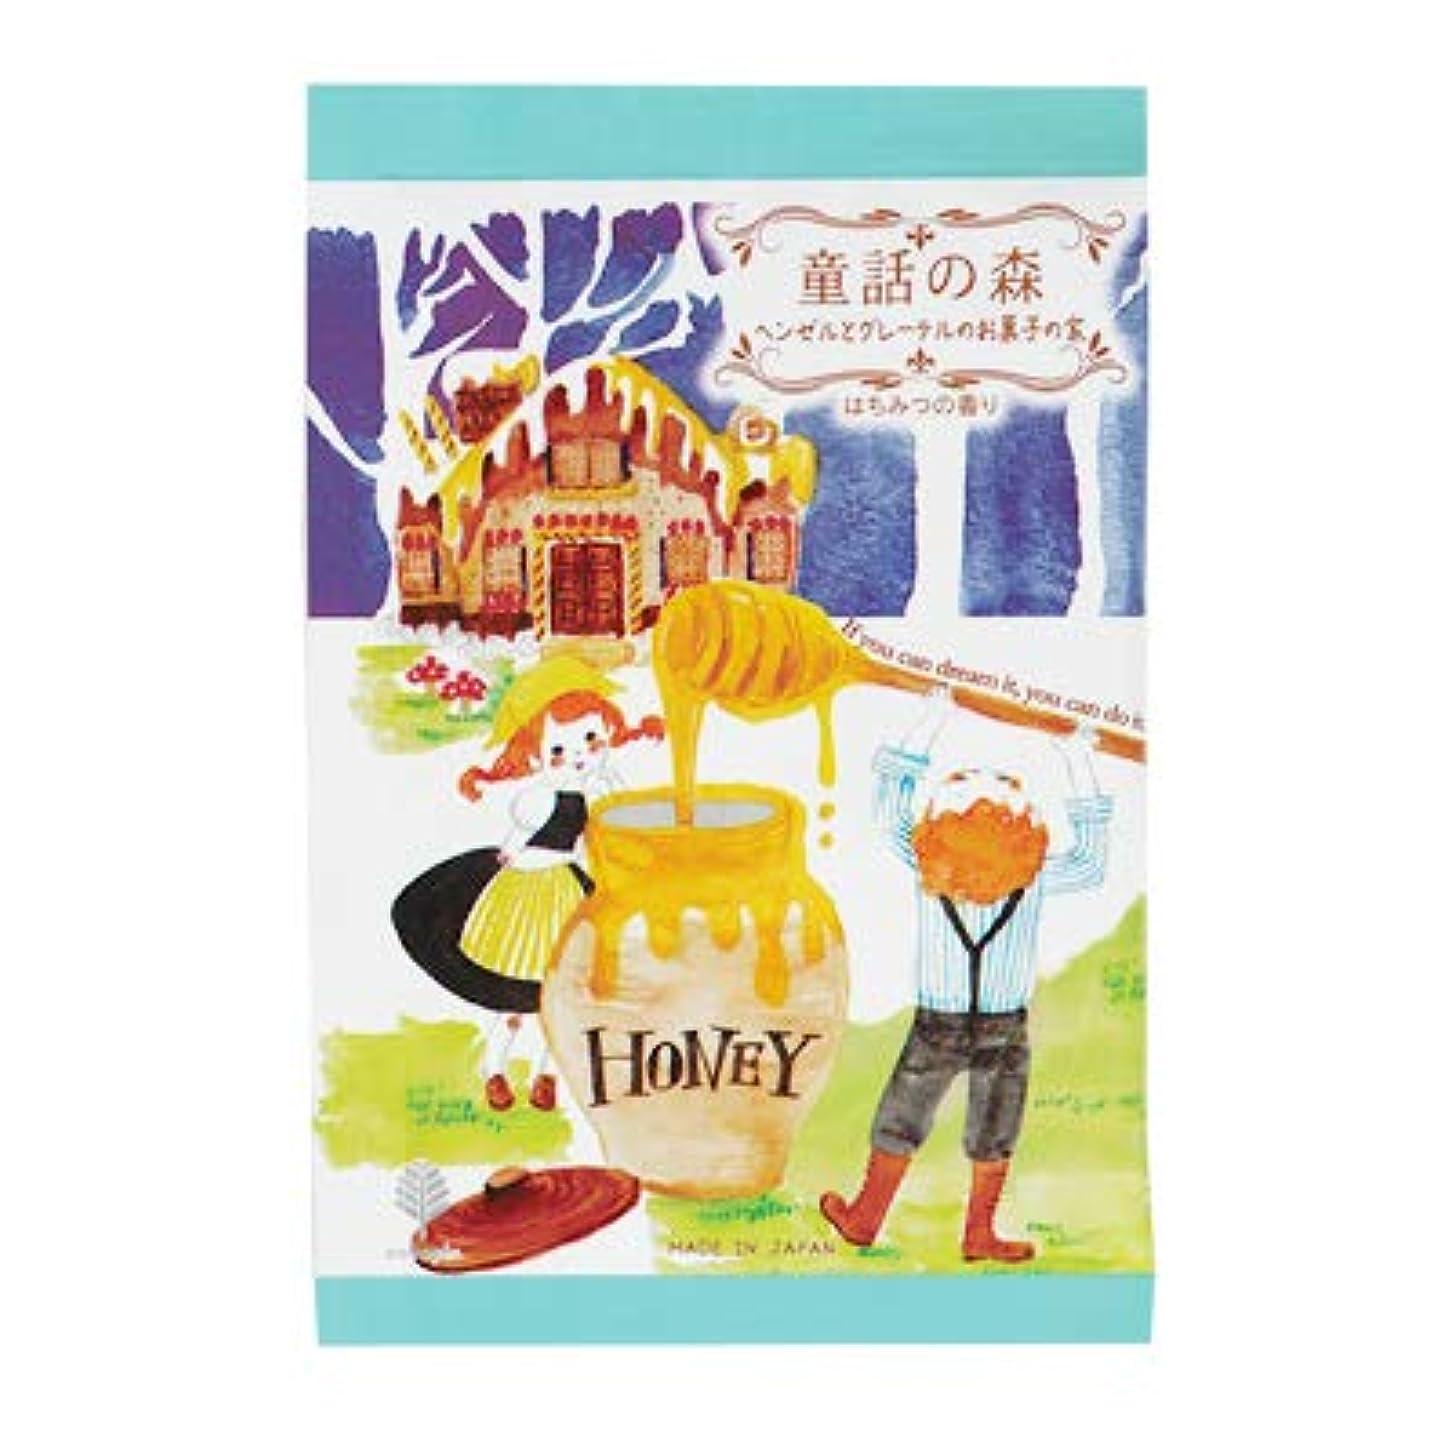 ペックレッドデート物思いにふける【まとめ買い6個セット】 童話の森 ヘンゼルとグレーテルのお菓子の家